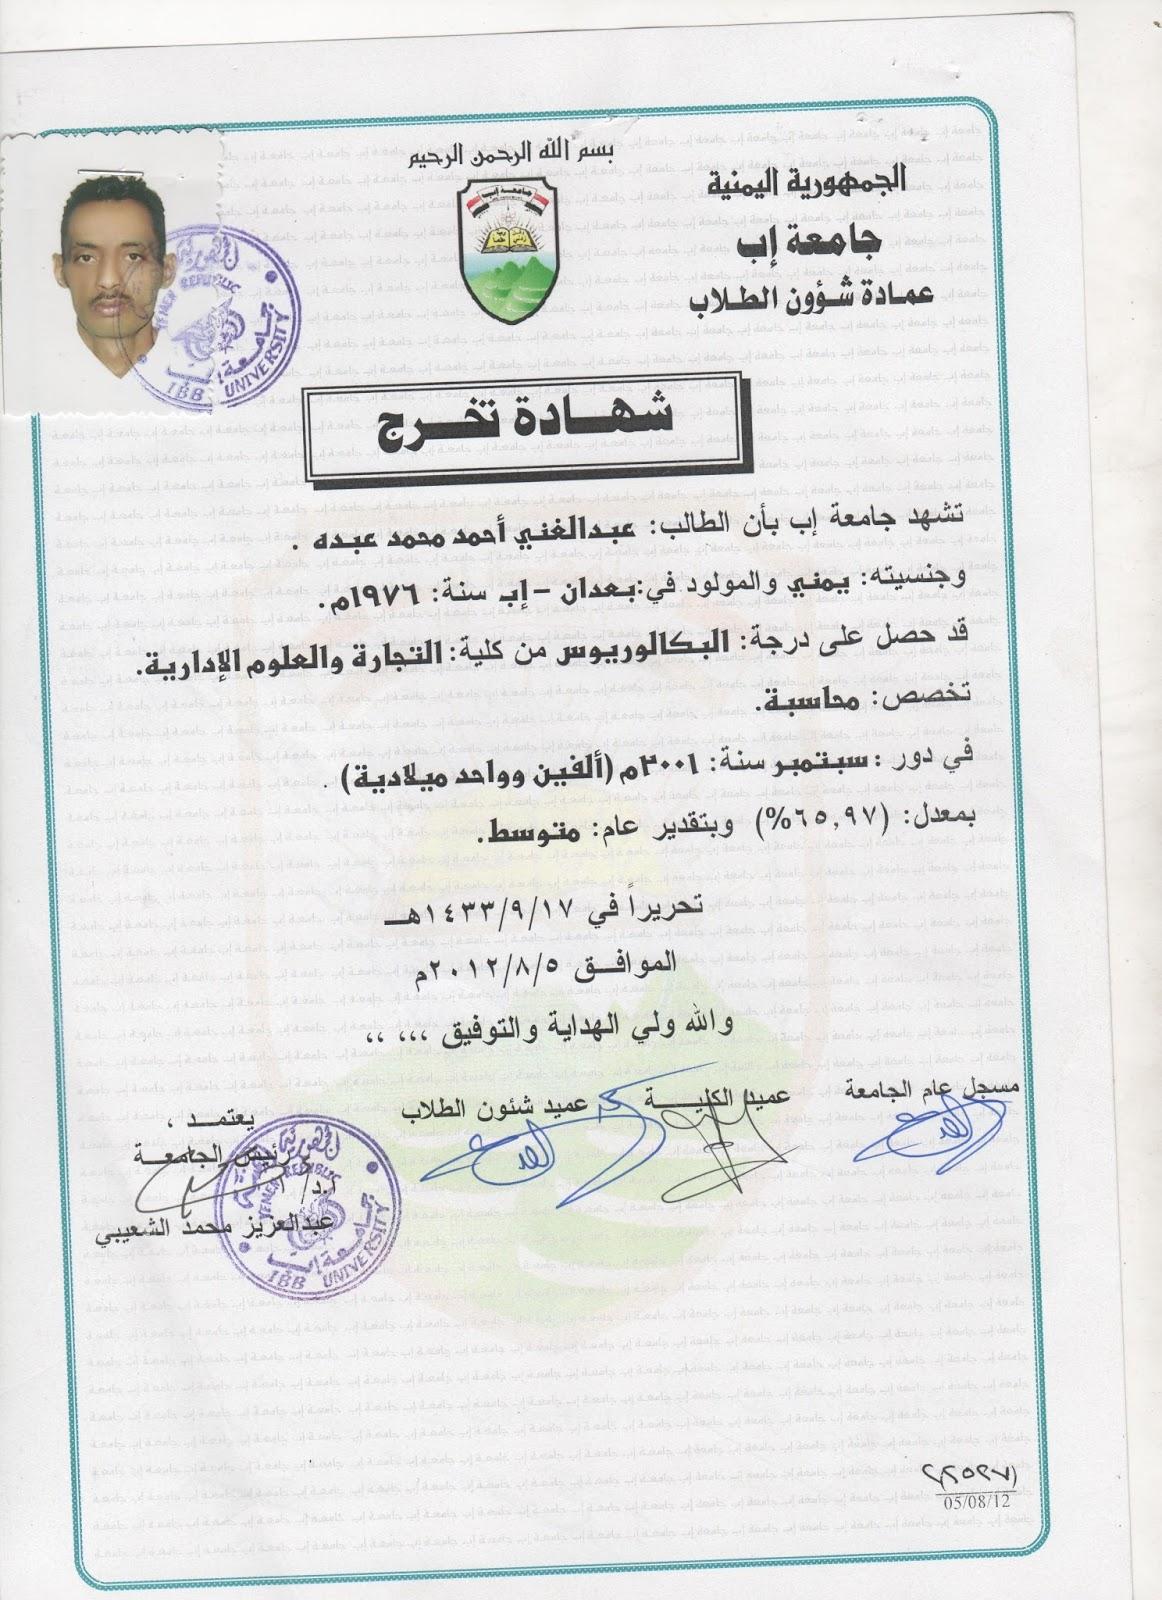 المؤلف عبدالغني احمد محمد البعداني صور وثائق